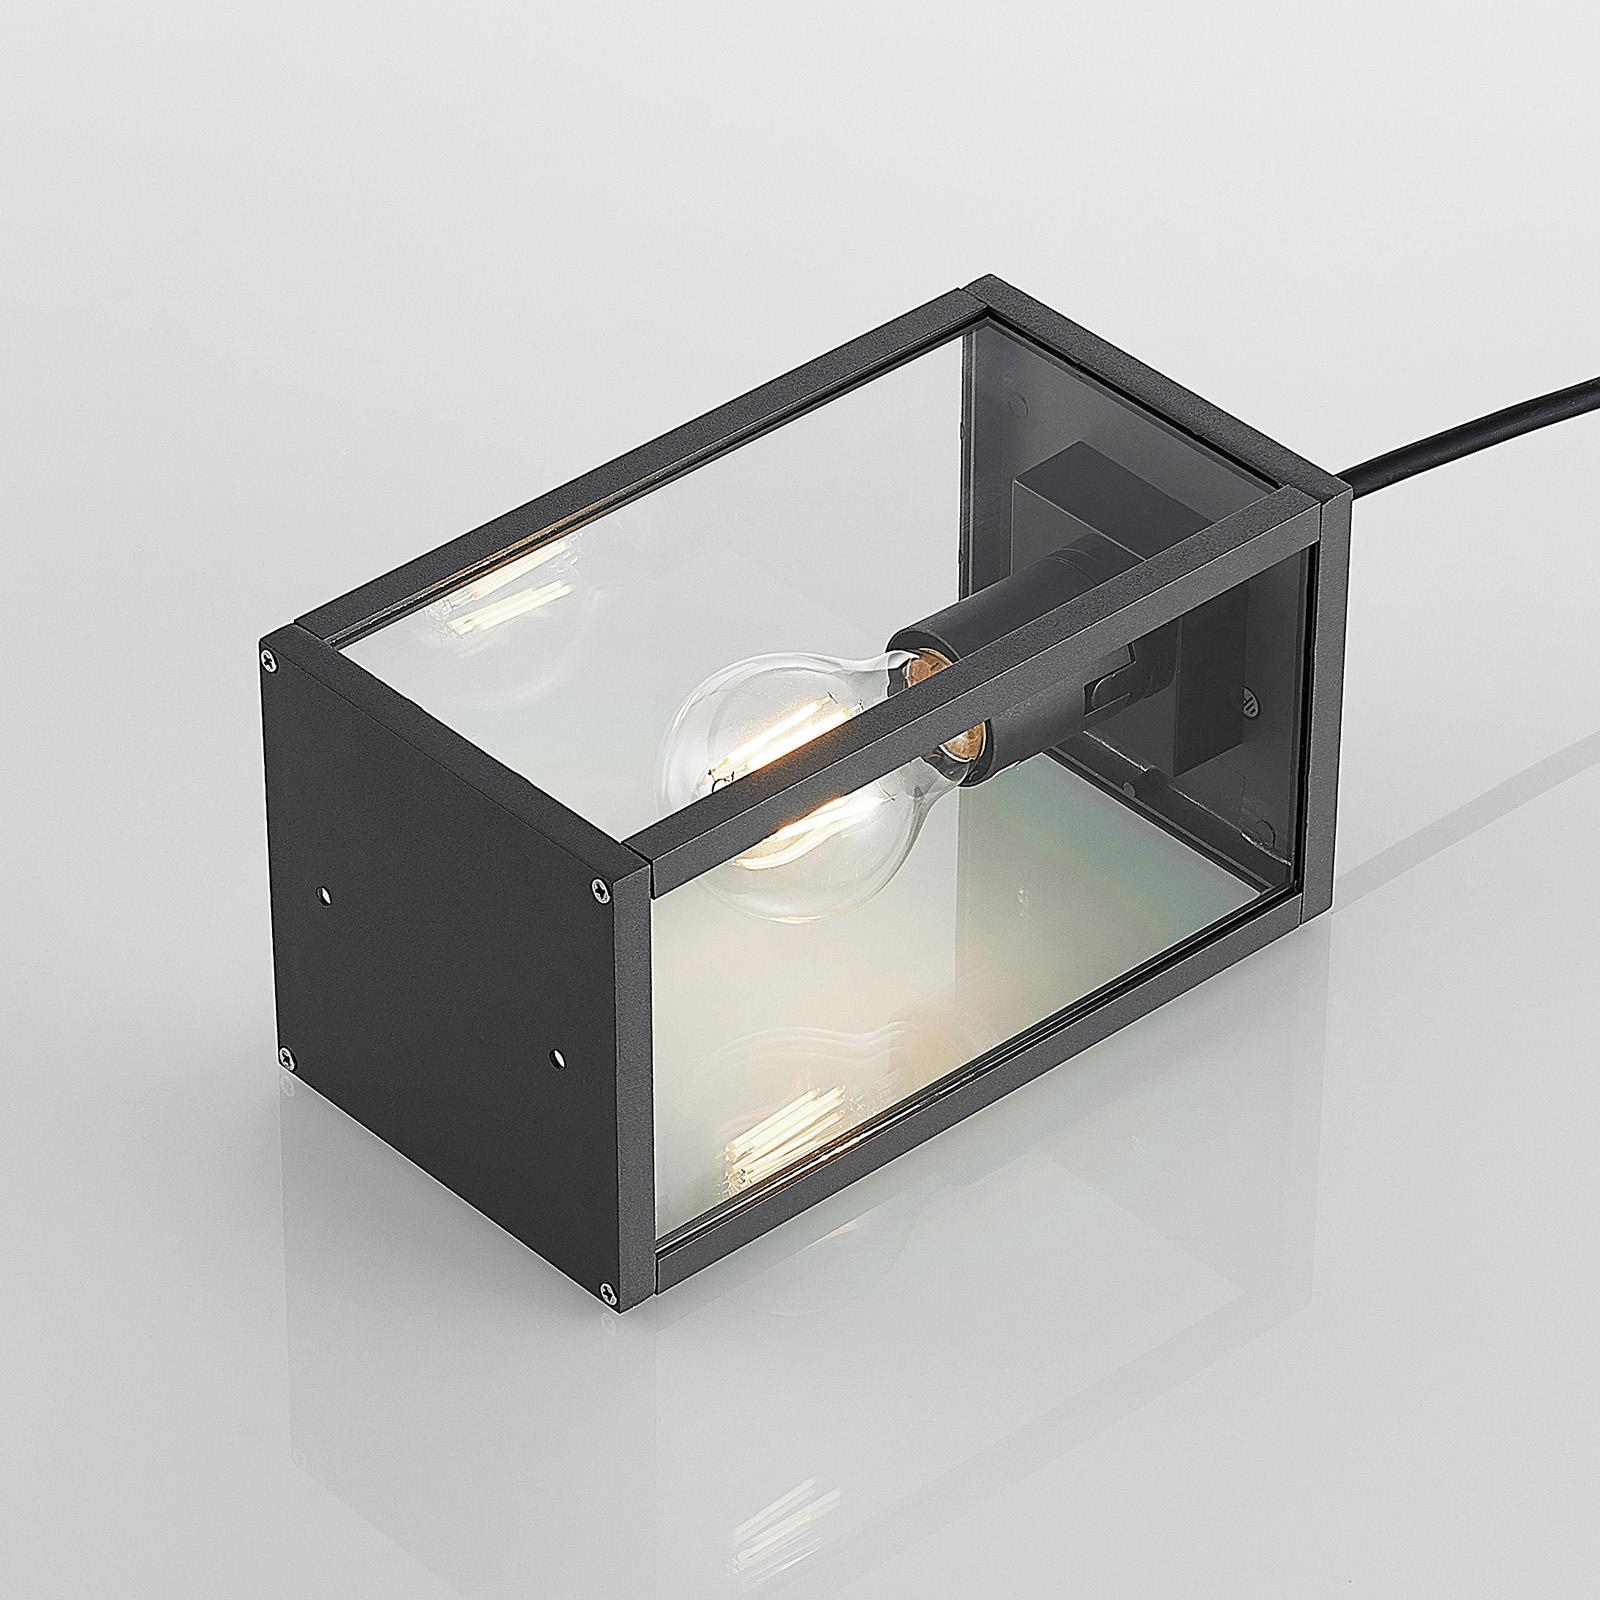 Außenhängelampe Filimon Eckig Käfig Dunkelgrau Glas E27 Lindby Außenleuchte IP44